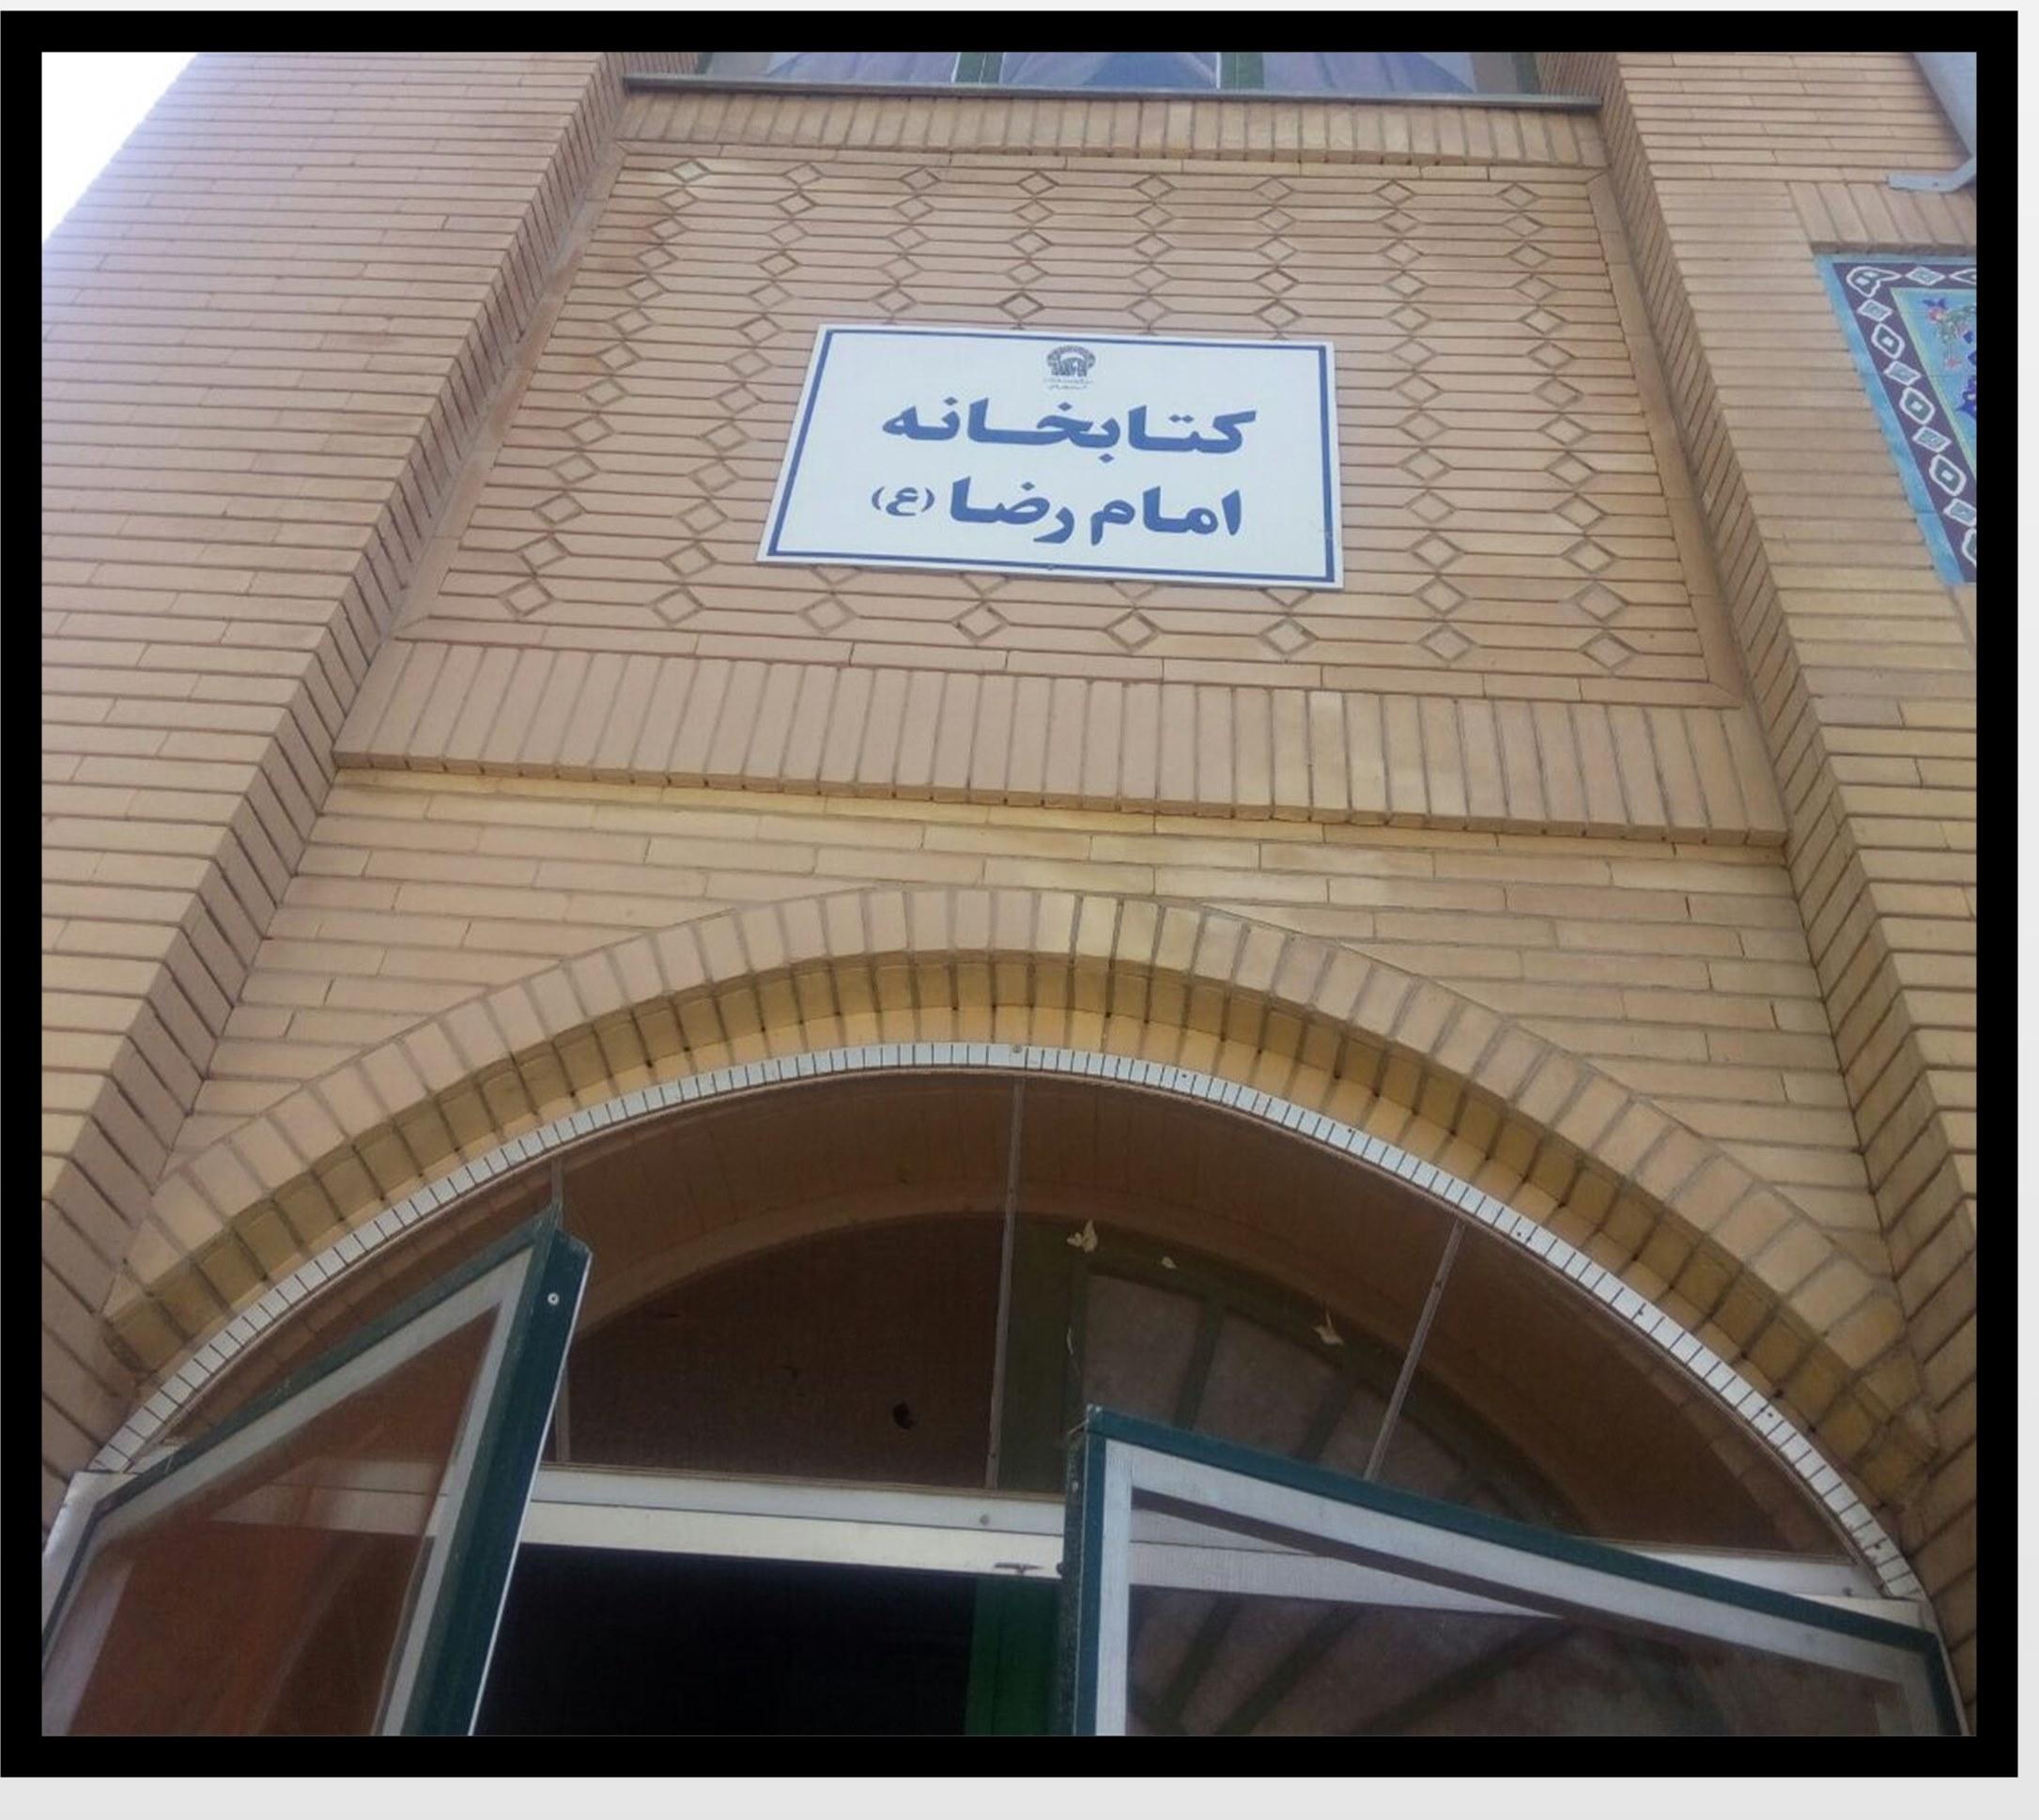 کتابخانه مسجد امام رضا ( ع ) روشناوند